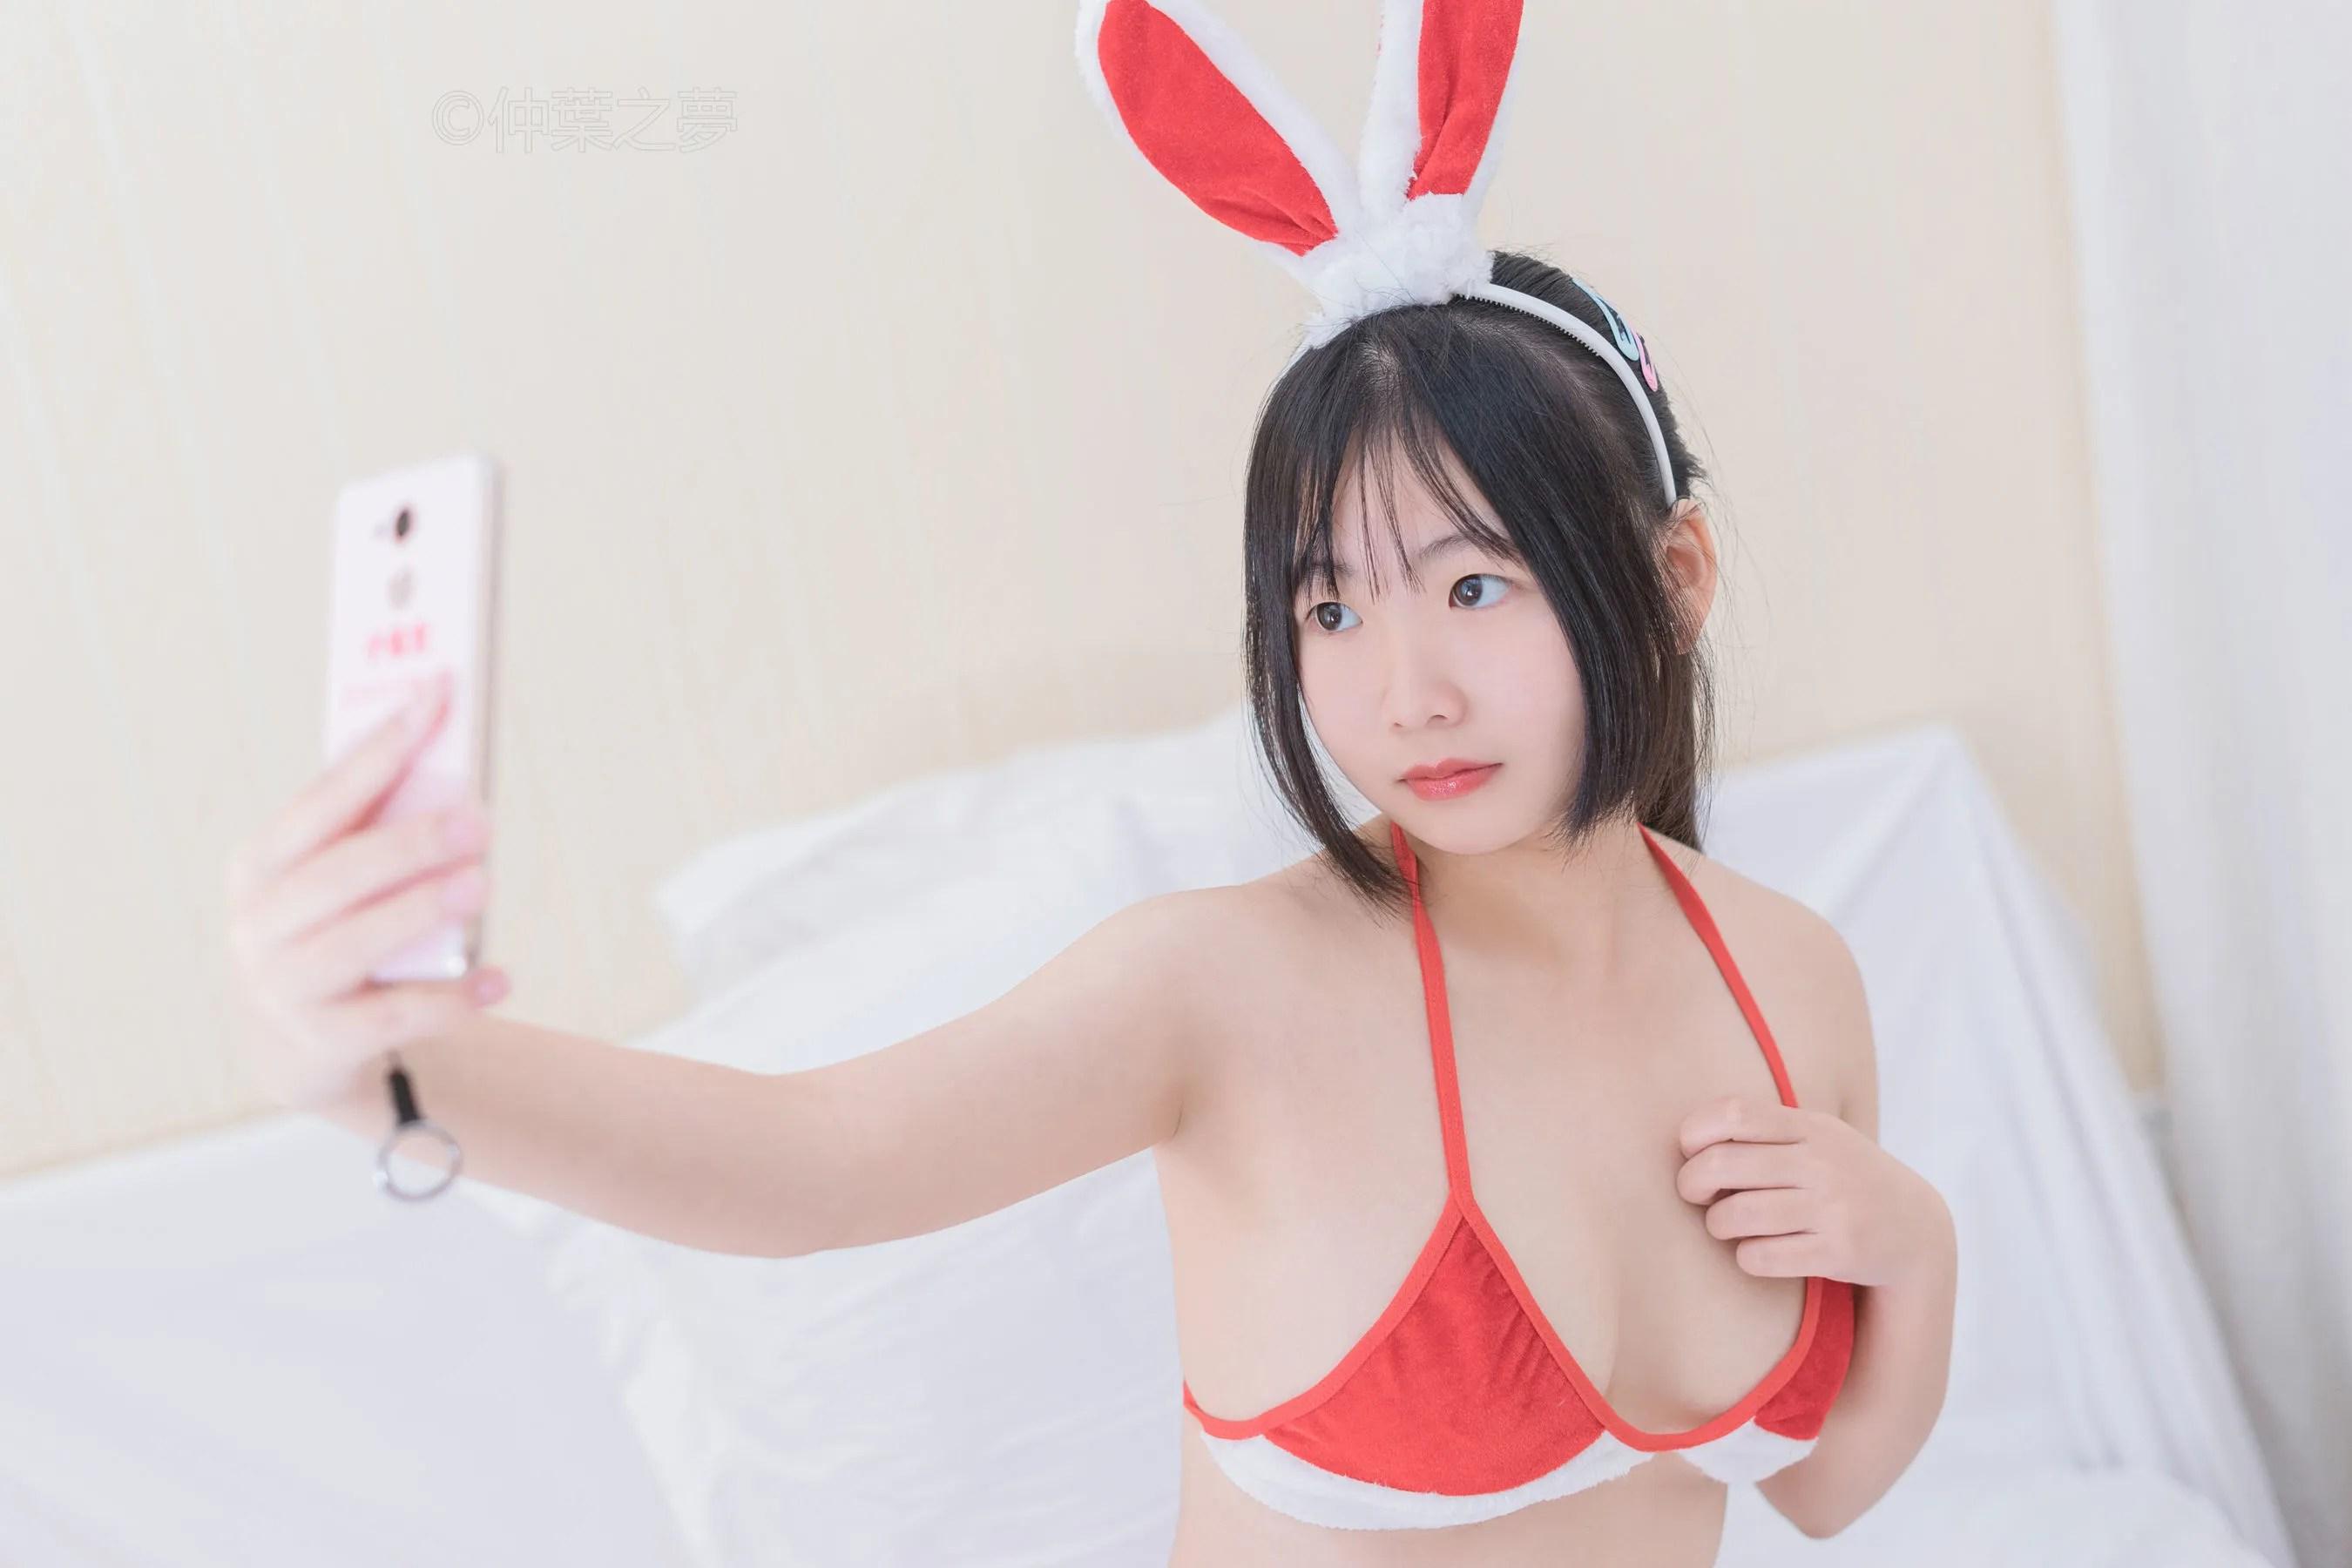 图片[12] - 《火红小兔子》 [轻兰映画] Grand.006 写真集[63P] - 唯独你没懂